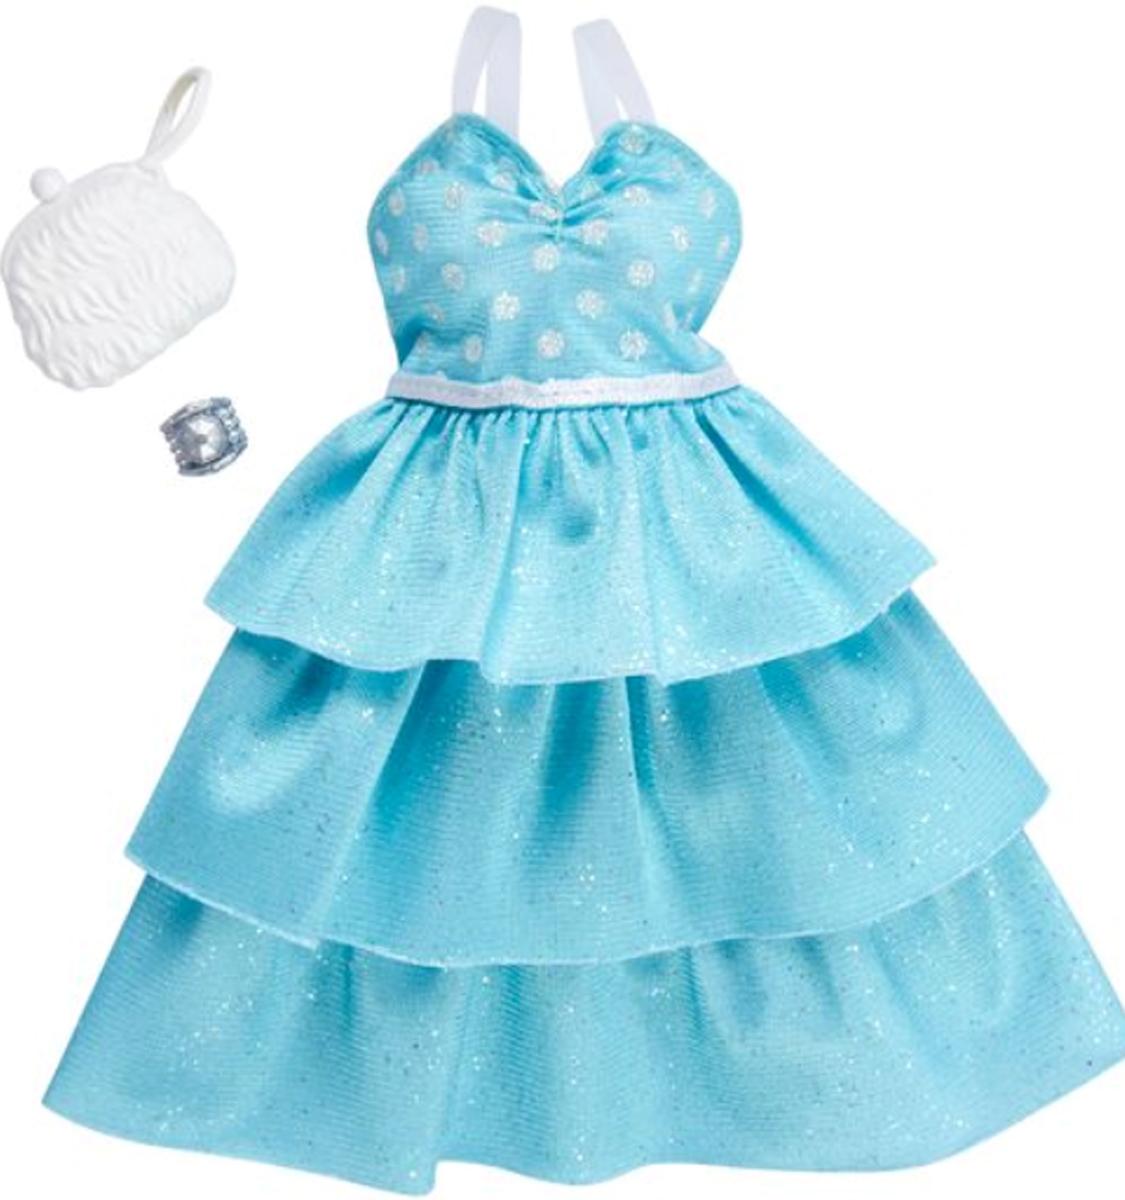 одежда для кукол картинки платье каждый день ставят